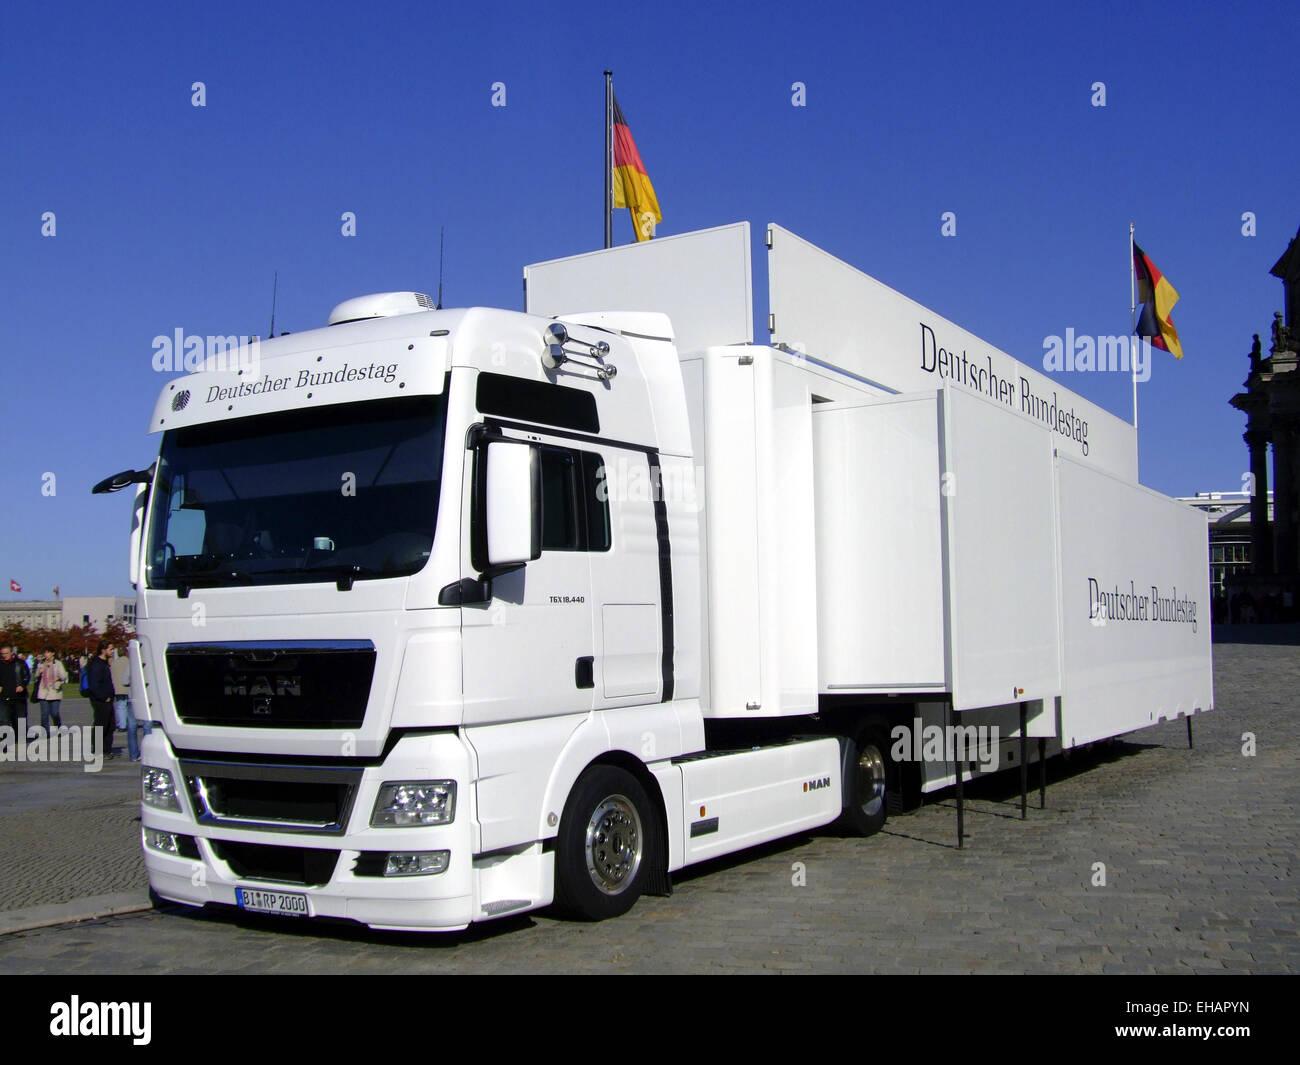 Infomobil des Deutschen Bundestages - Stock Image